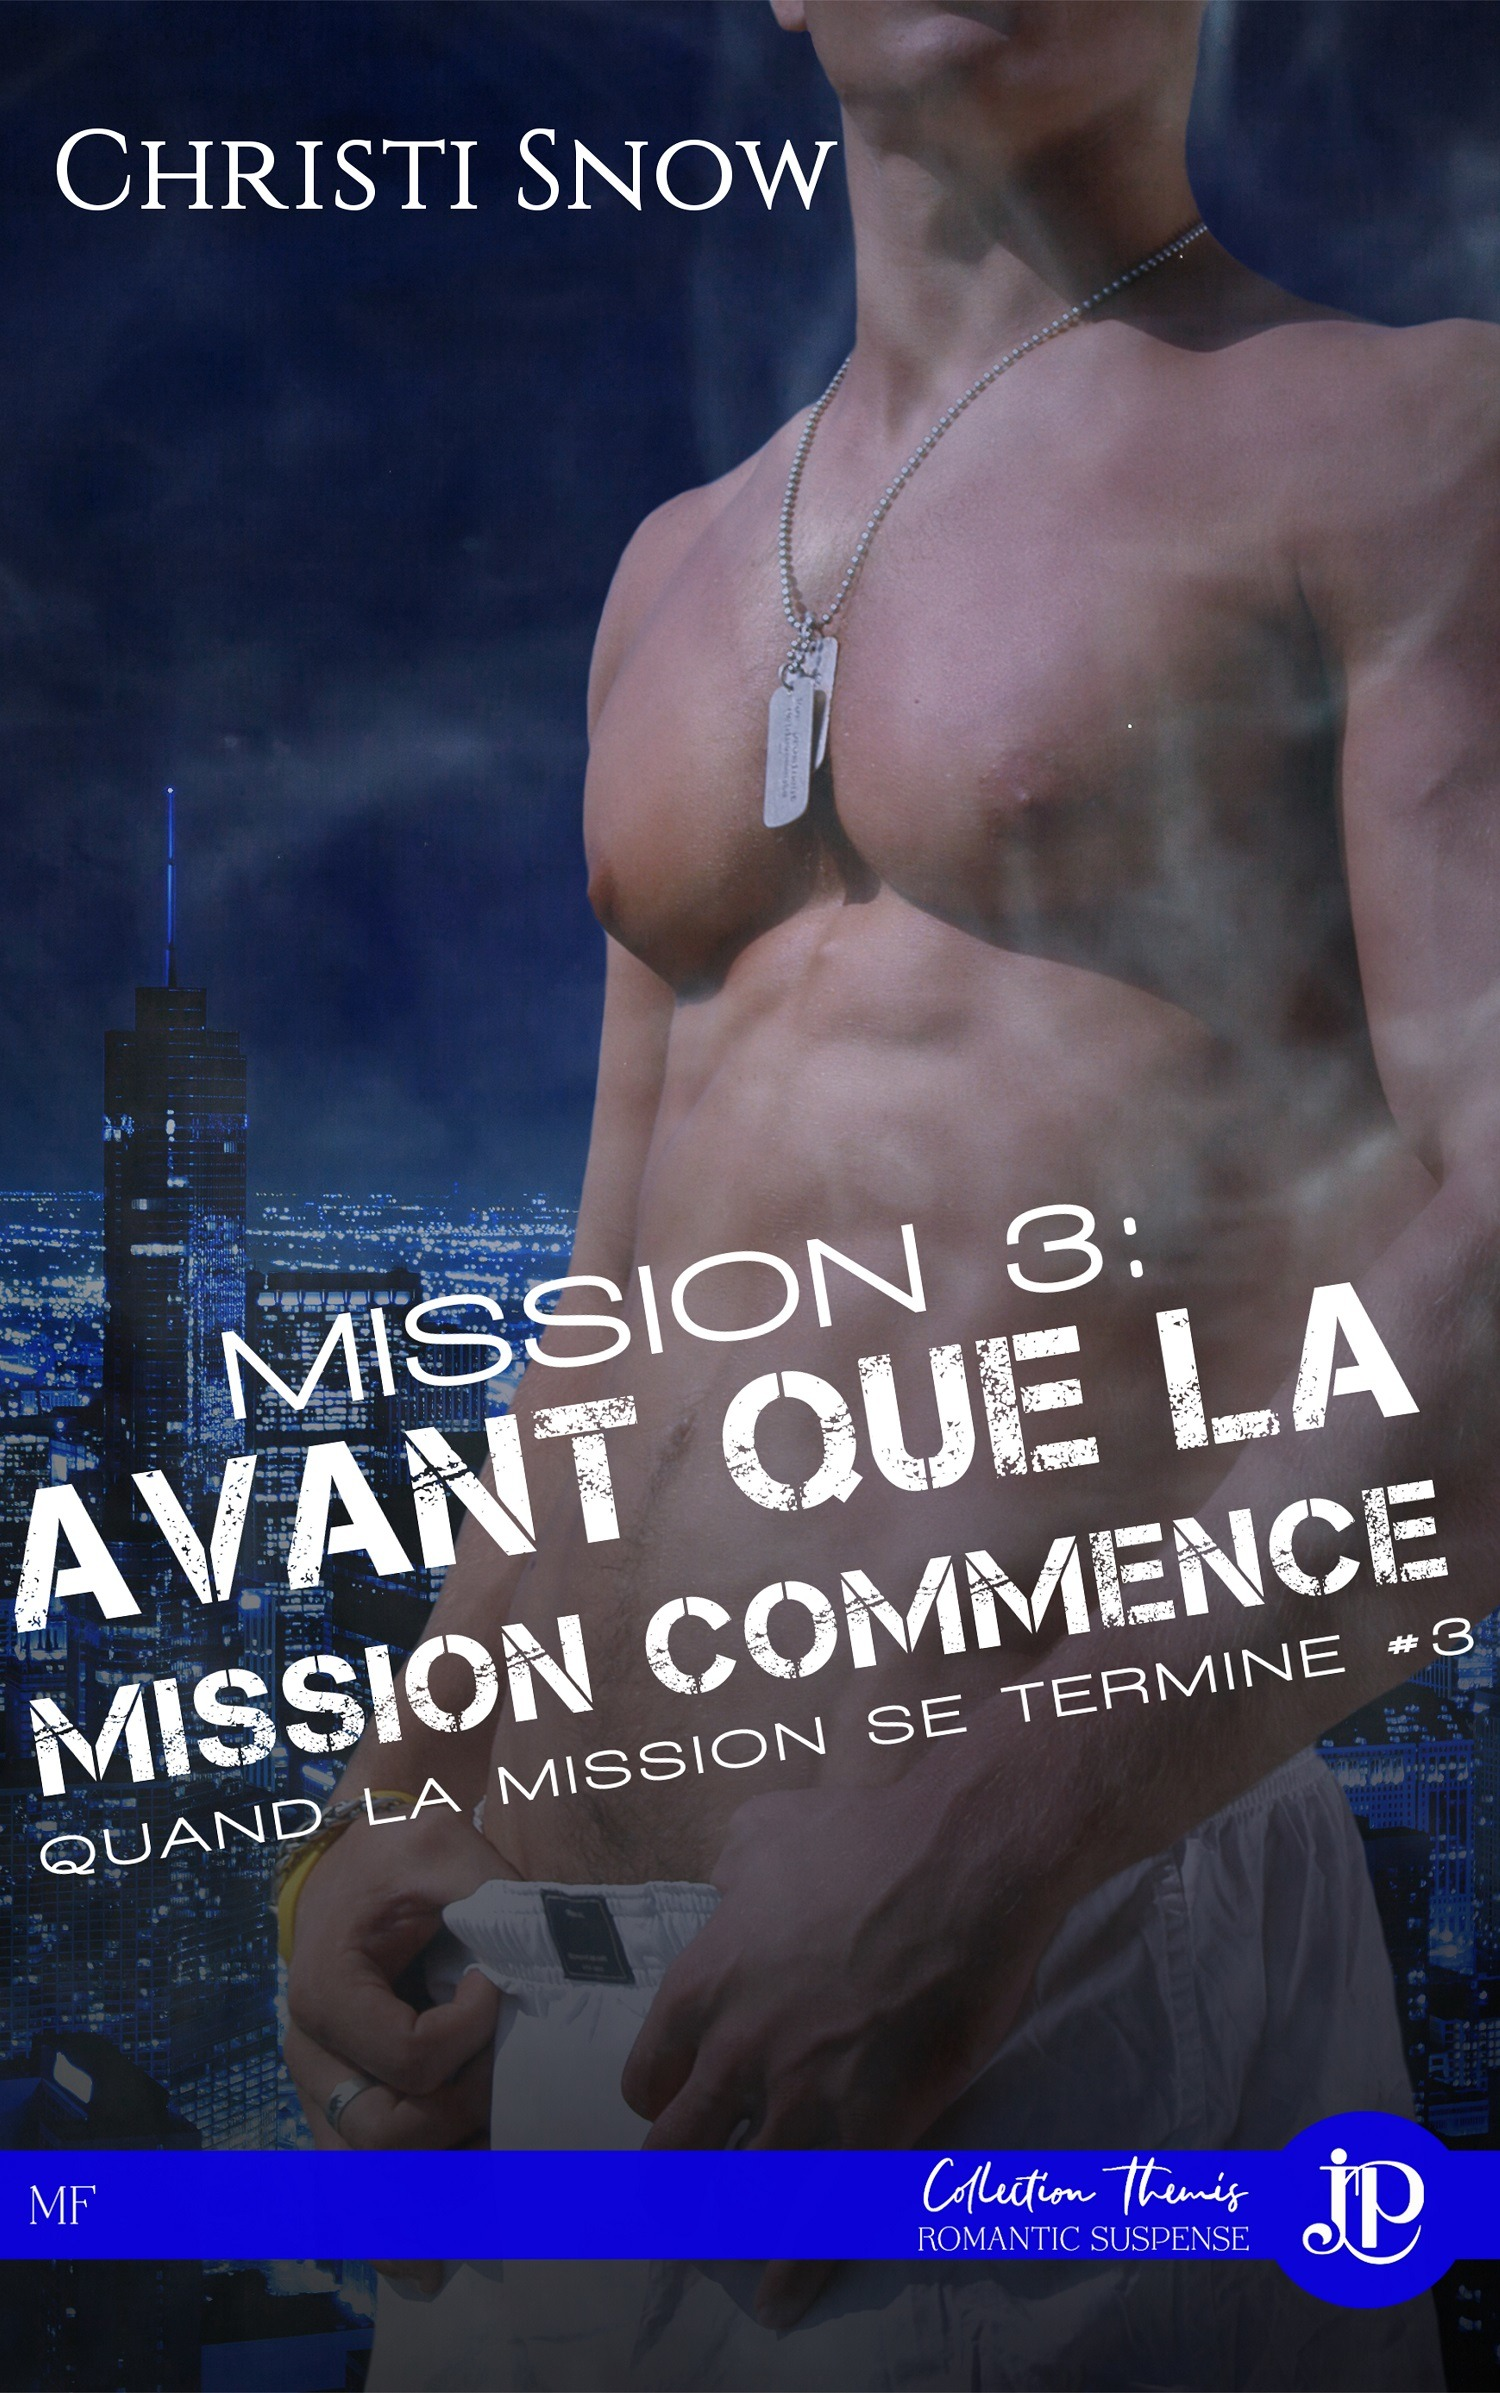 Mission 3 : Avant que la mission commence, QUAND LA MISSION SE TERMINE #3